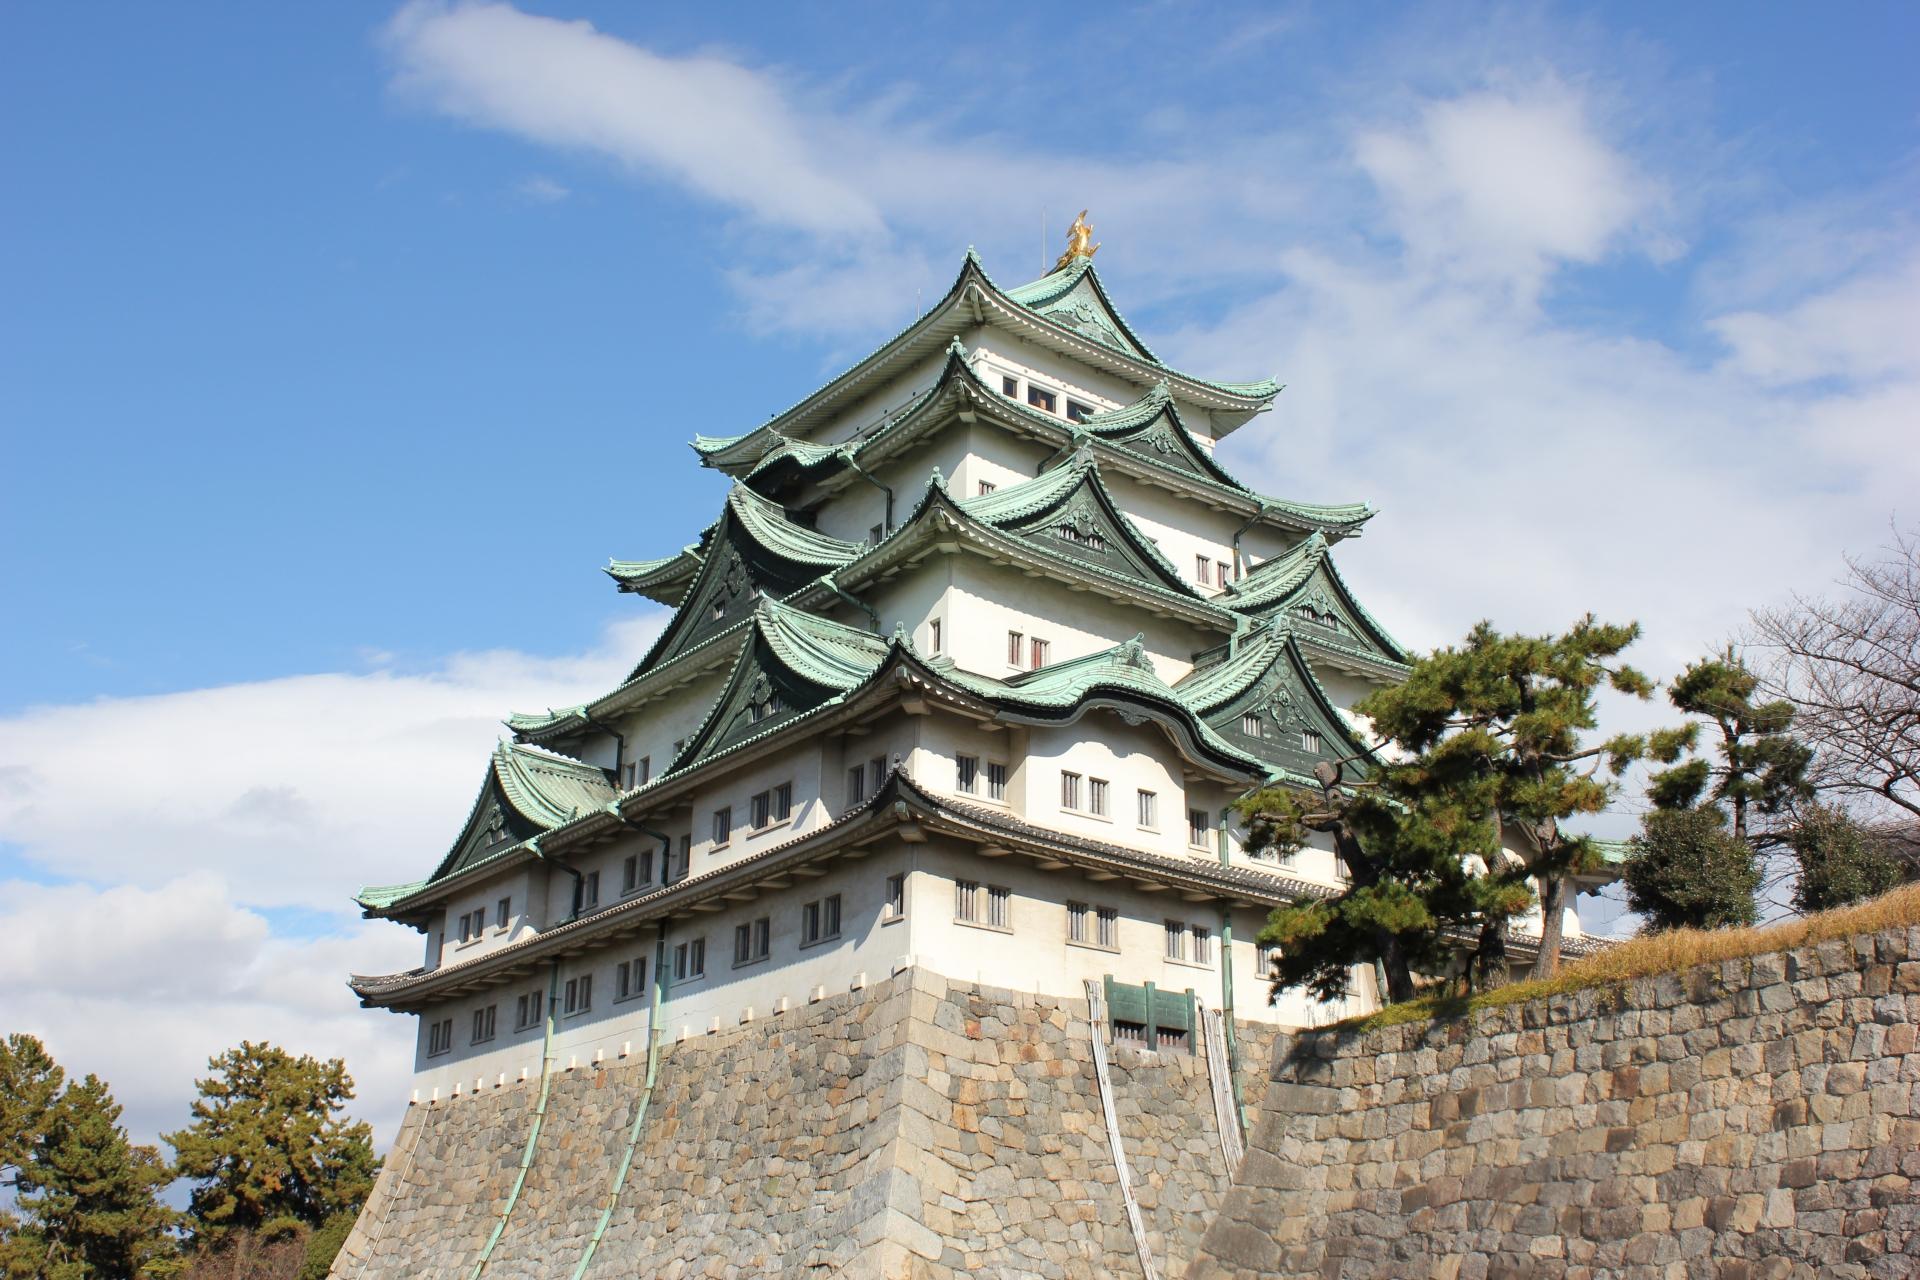 建て どれ の られる 義直 た は 知 として の 名古屋 うち が に もの か 城内 次 徳川